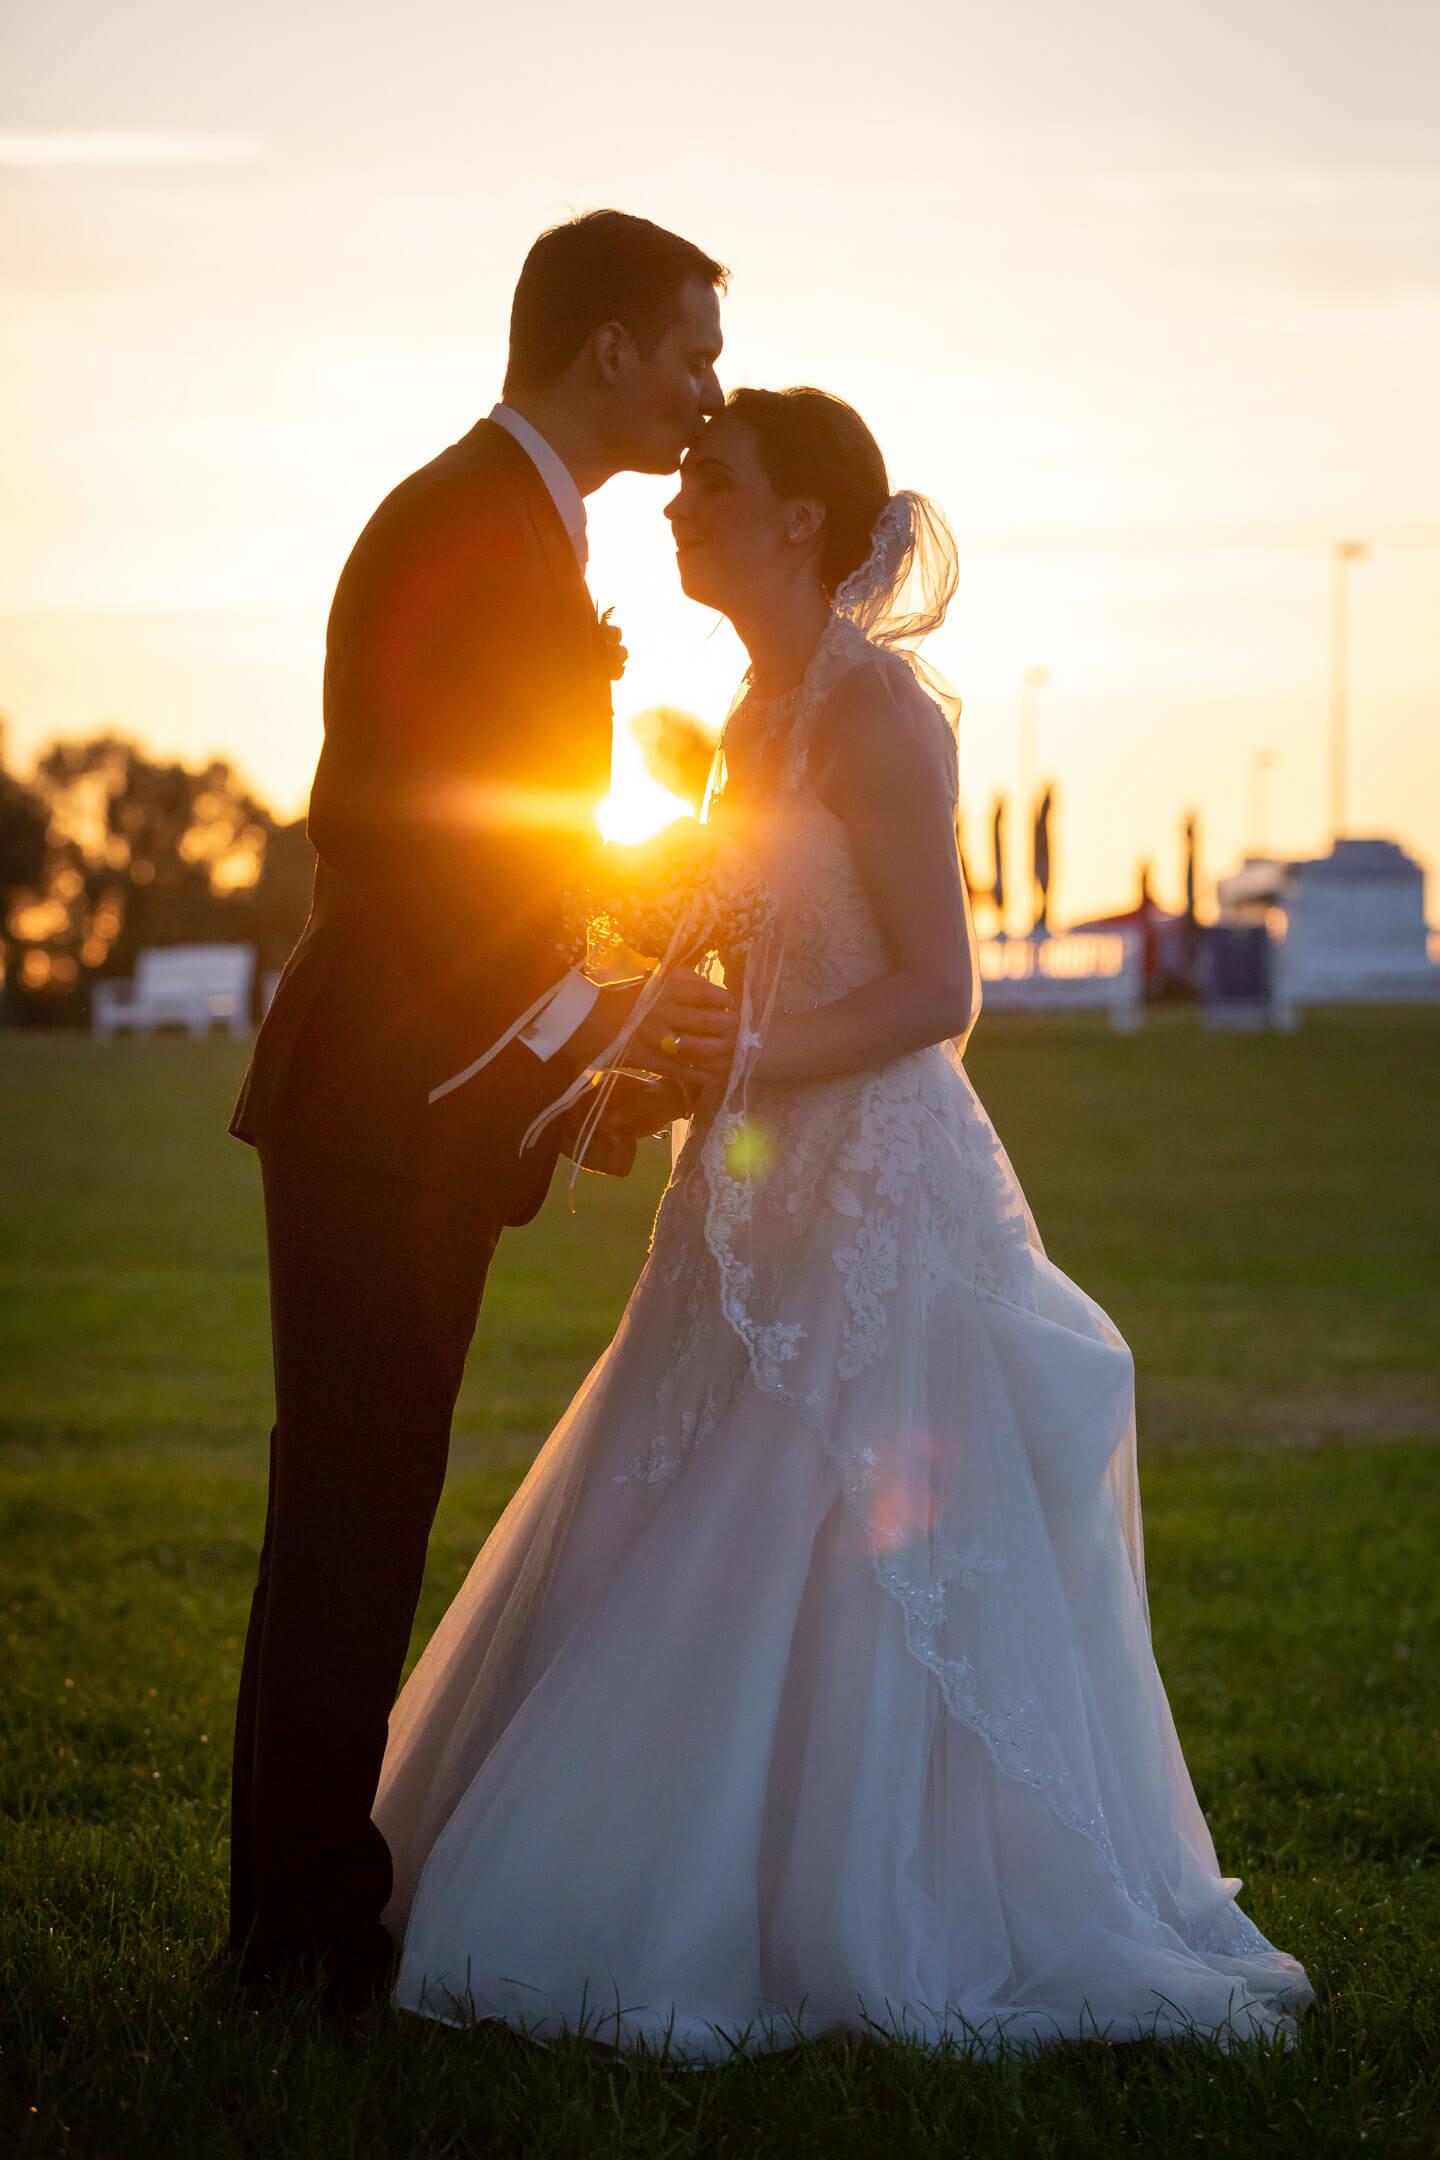 Bräutigam küsst seiner Braut im Sonnenuntergang auf die Stirn.